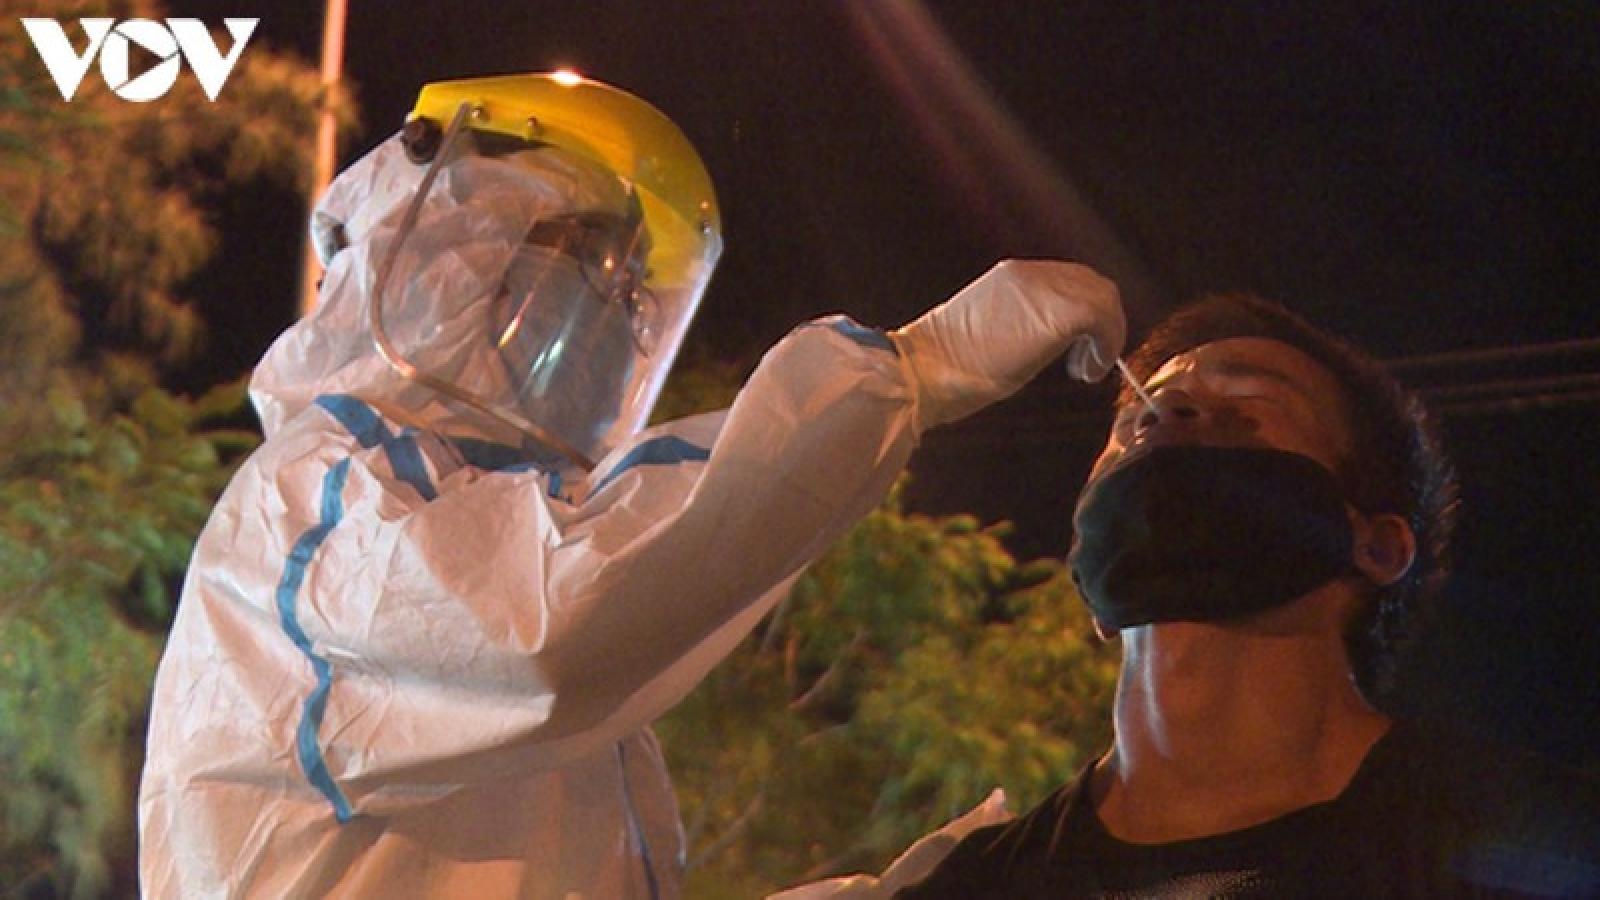 Xuyên đêm lấy mẫu xét nghiệm Covid-19 cho ngư dân ở cảng cá Đà Nẵng